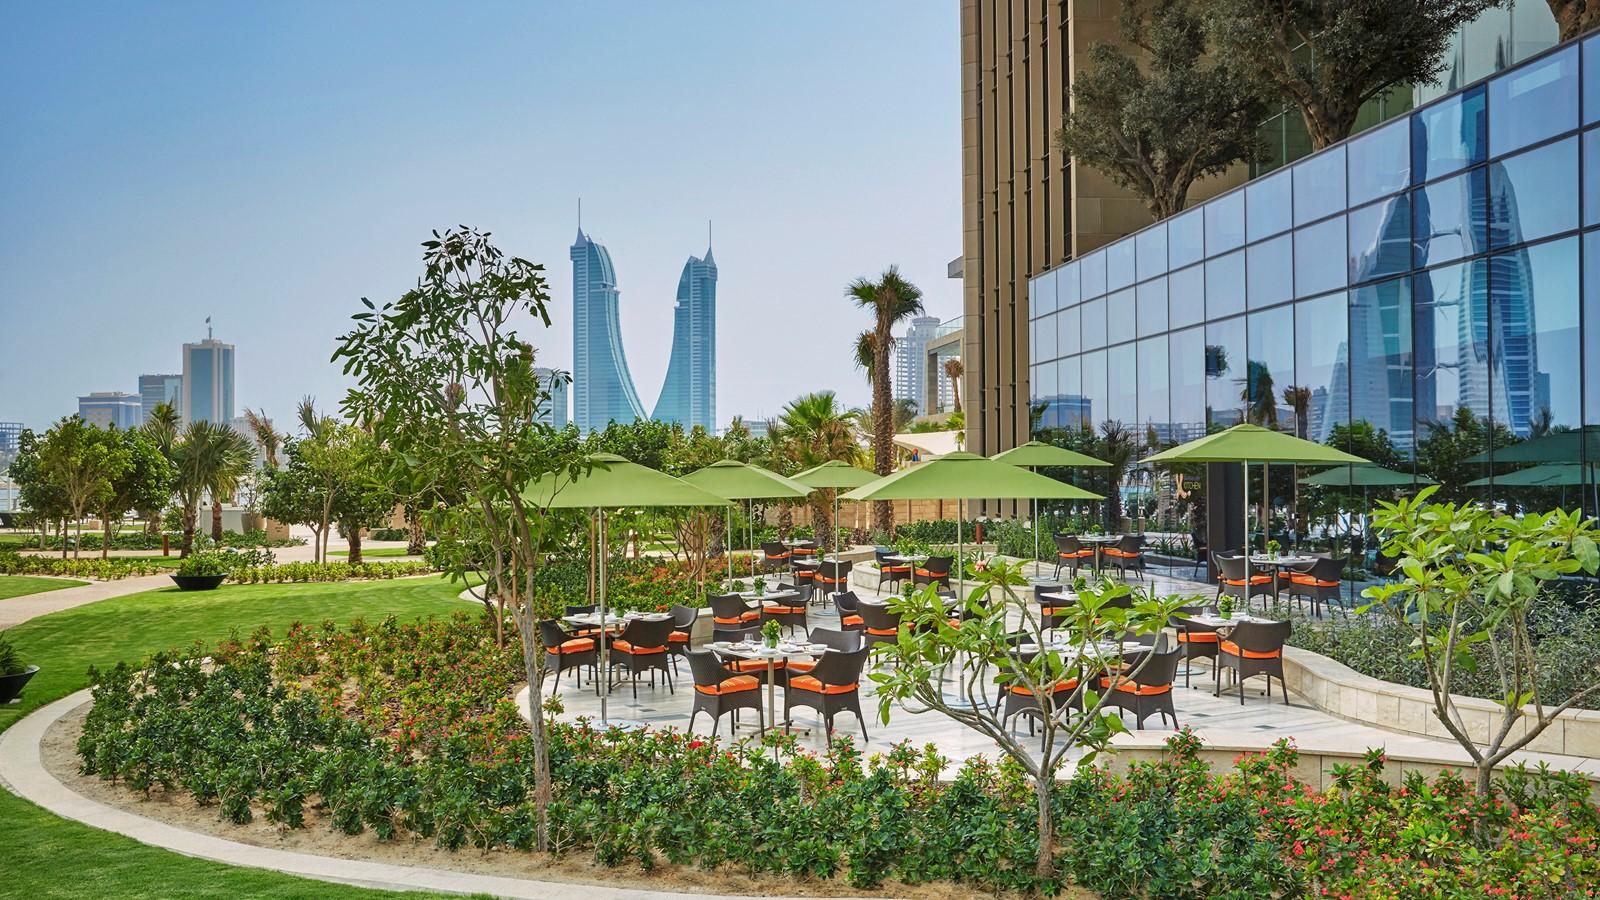 فندق فورسيزونز خليج البحرين يدعوكم للاستمتاع بموسم الاحتفالات الساحر المليء بالمرح